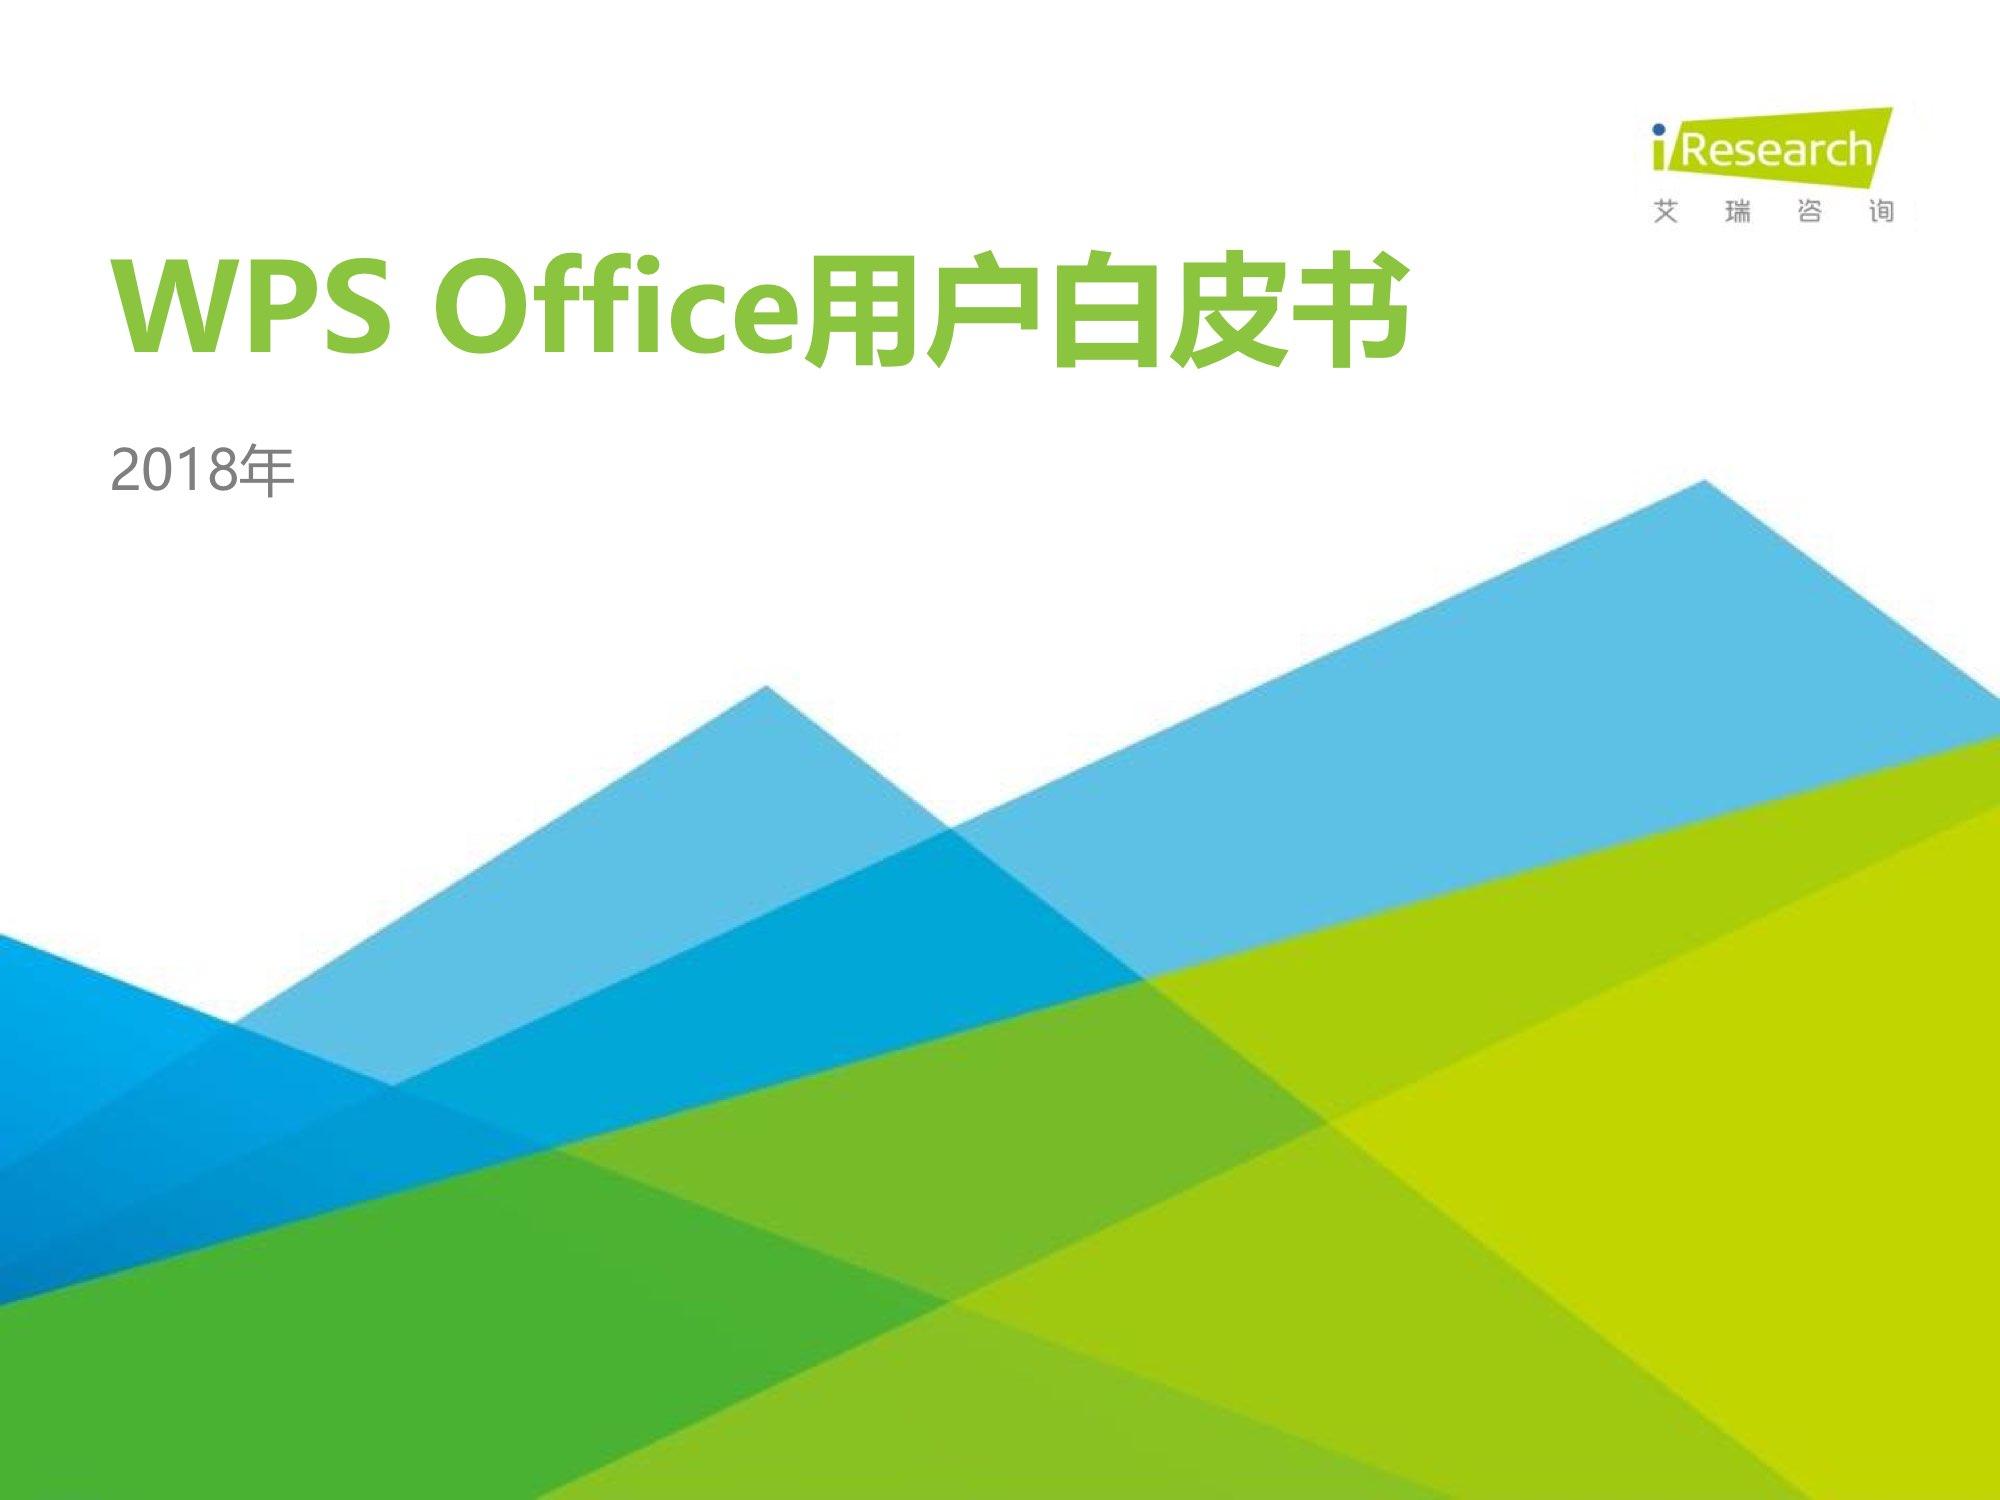 艾瑞咨询:2018年WPS Office用户白皮书(附下载)